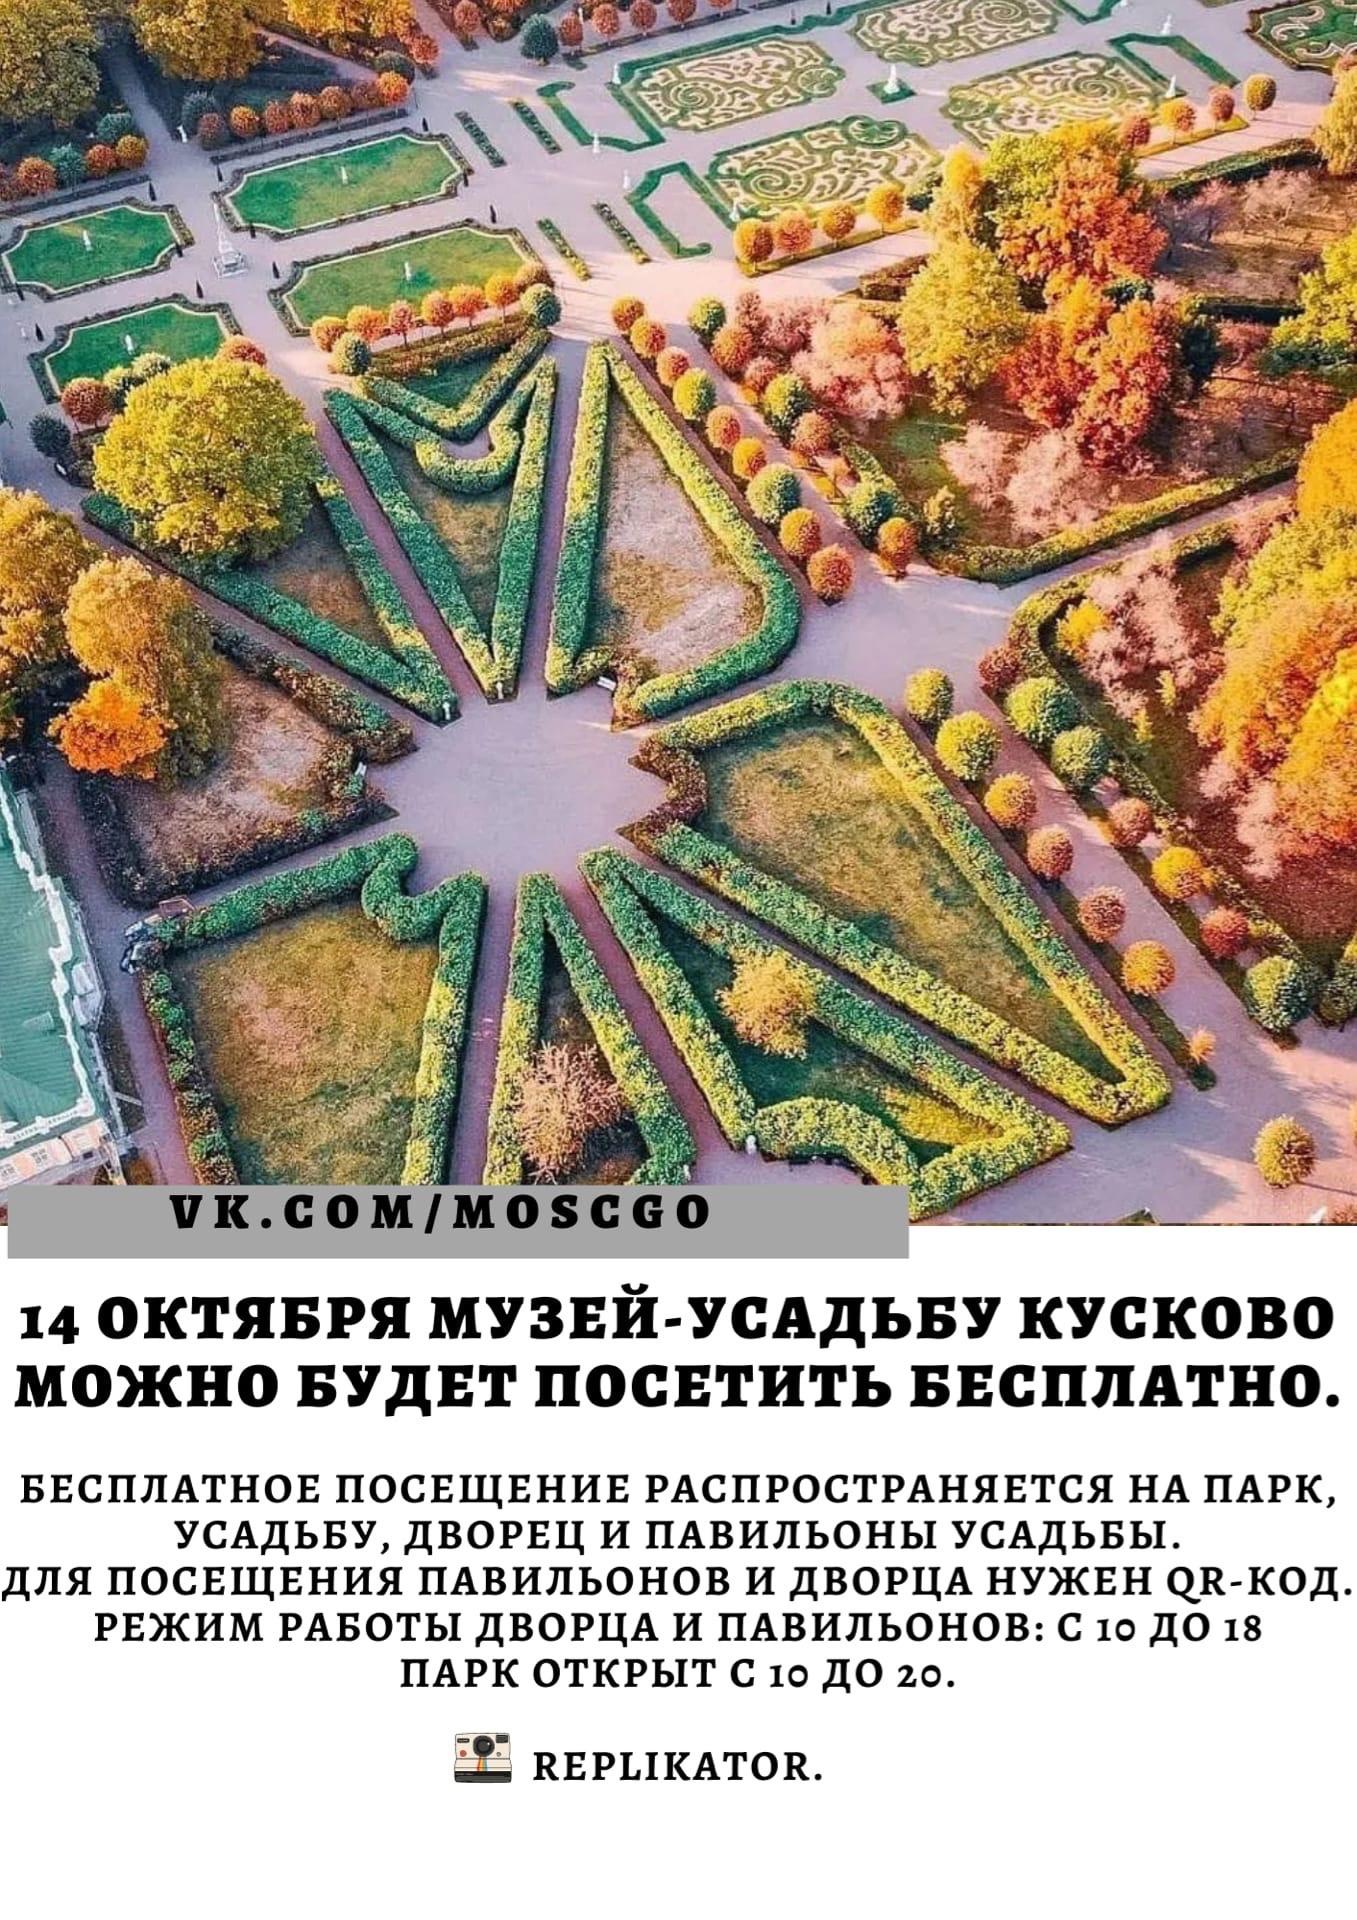 Пост Москвича номер #257908